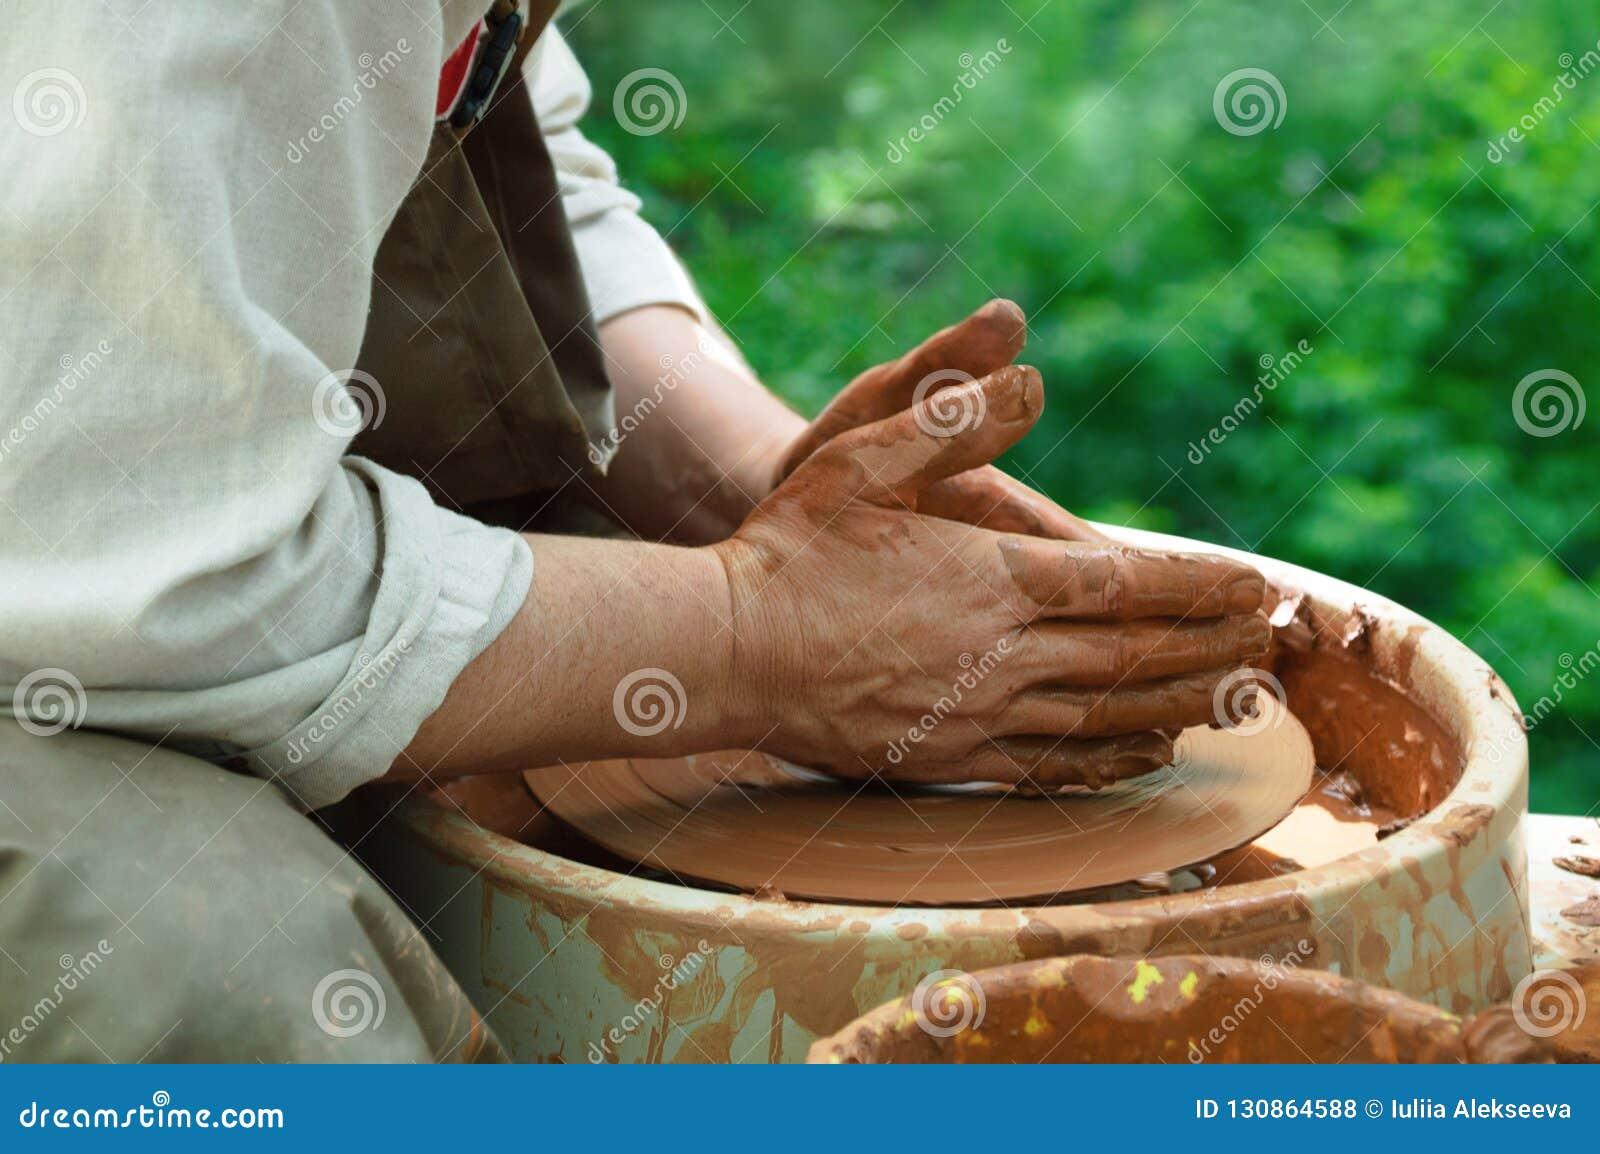 Potter works on a potter wheel.